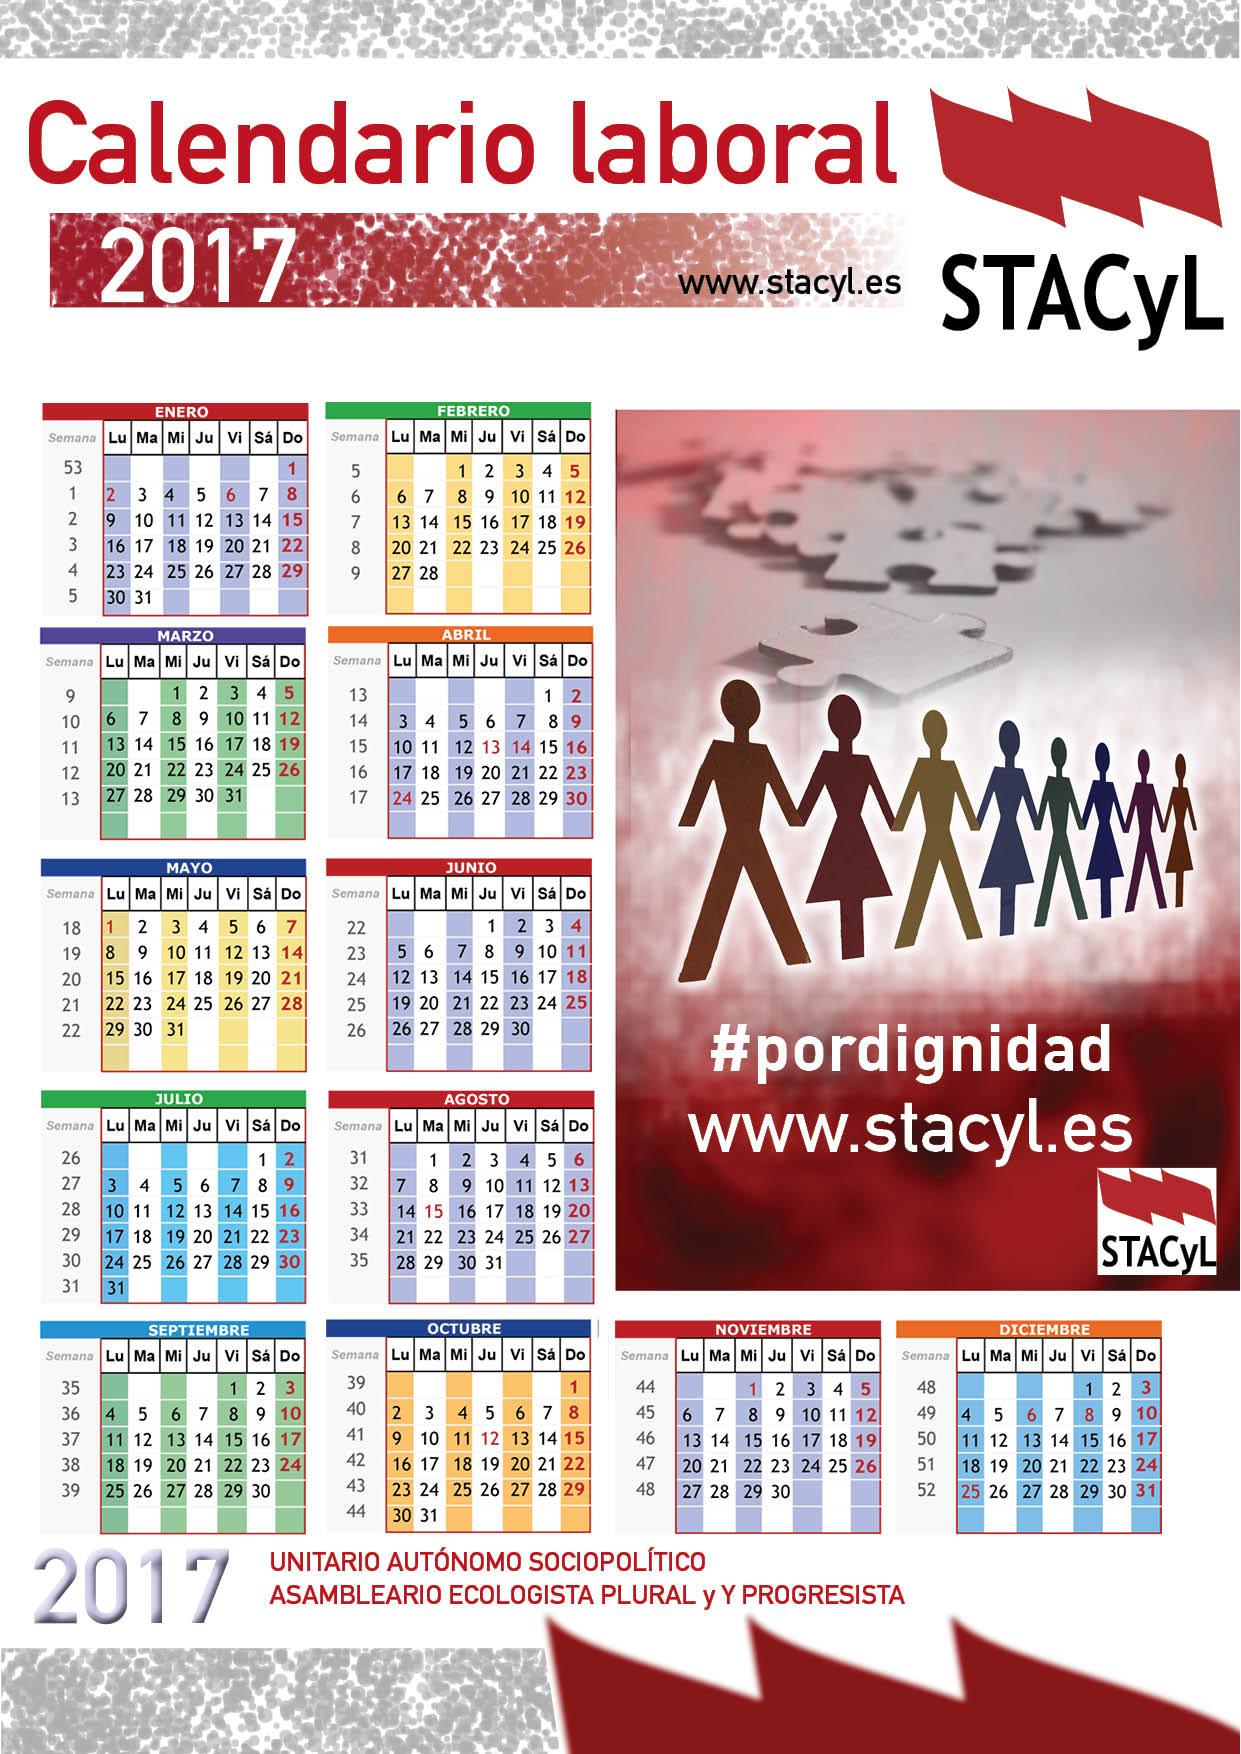 Calendario2017-STACyL